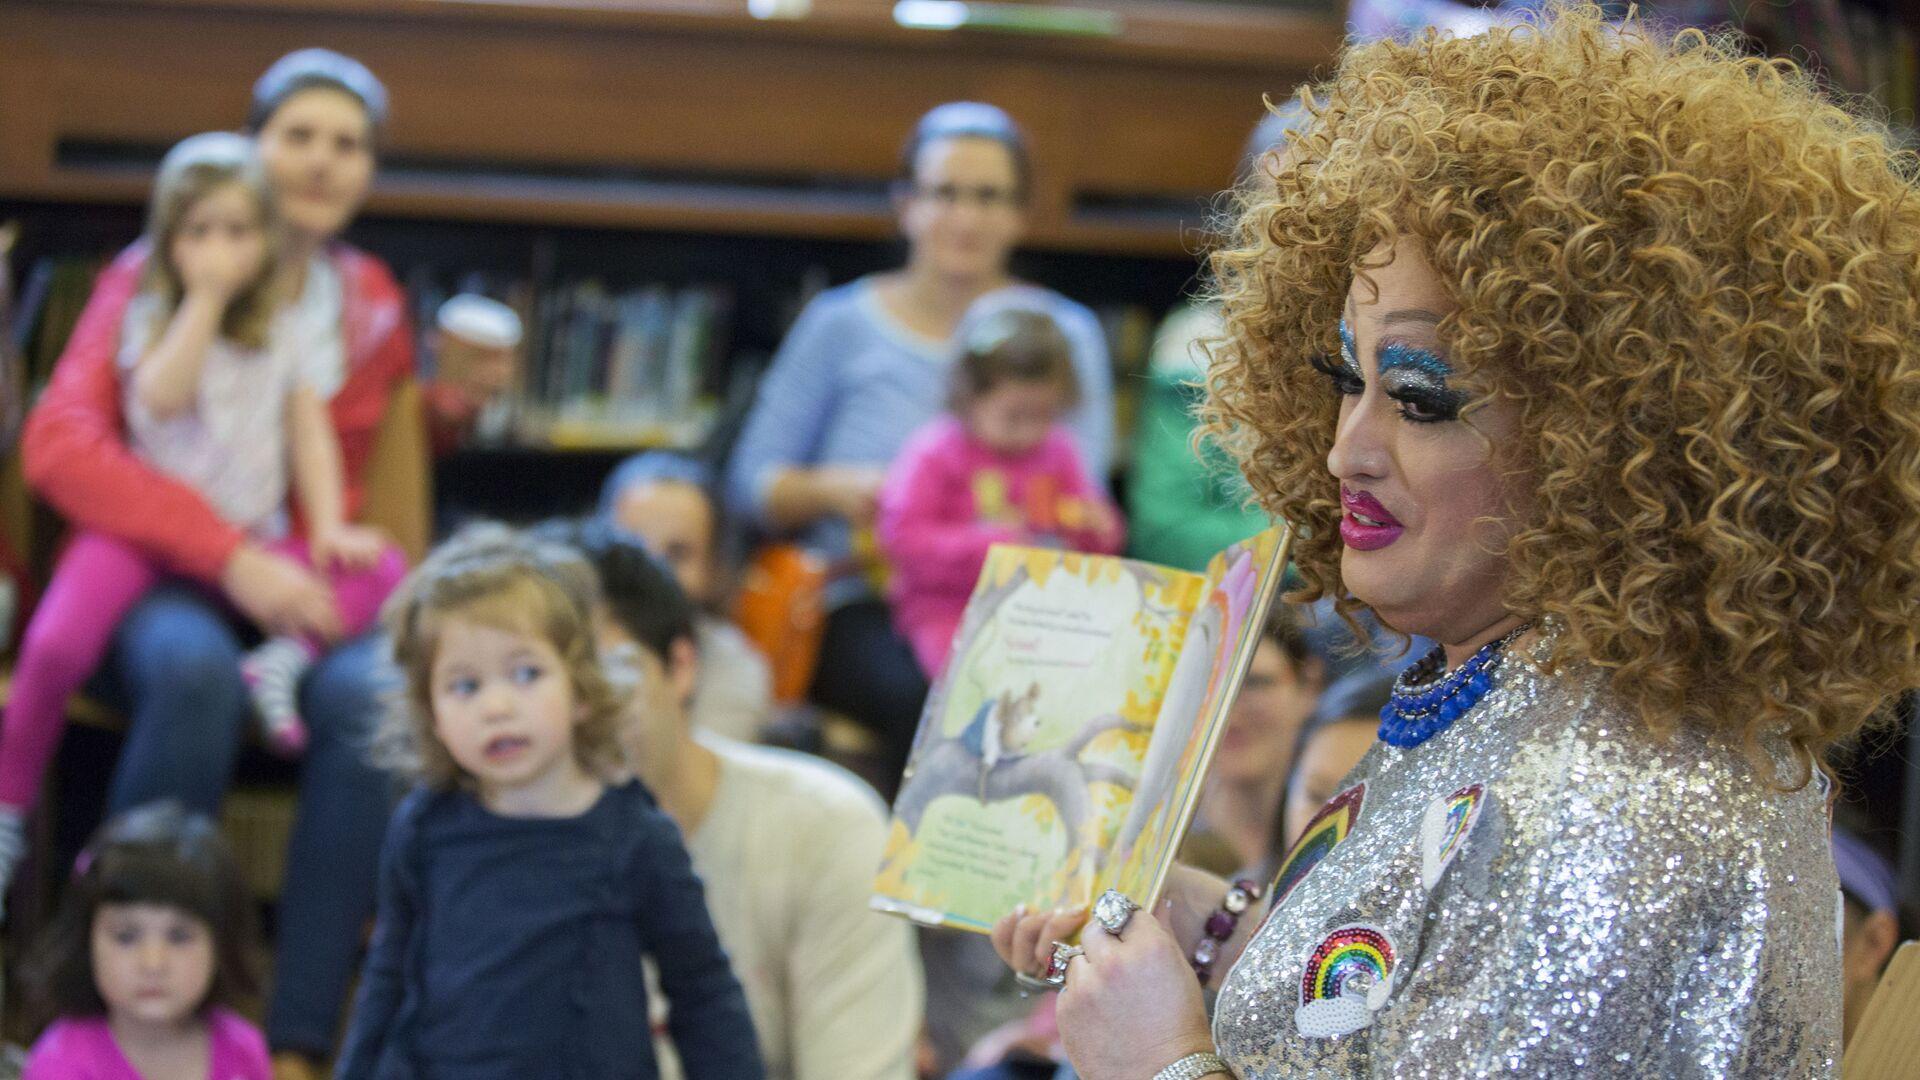 Lil Miss Hot Mess čte knihu dětem v newyorkské knihovně - Sputnik Česká republika, 1920, 02.06.2021